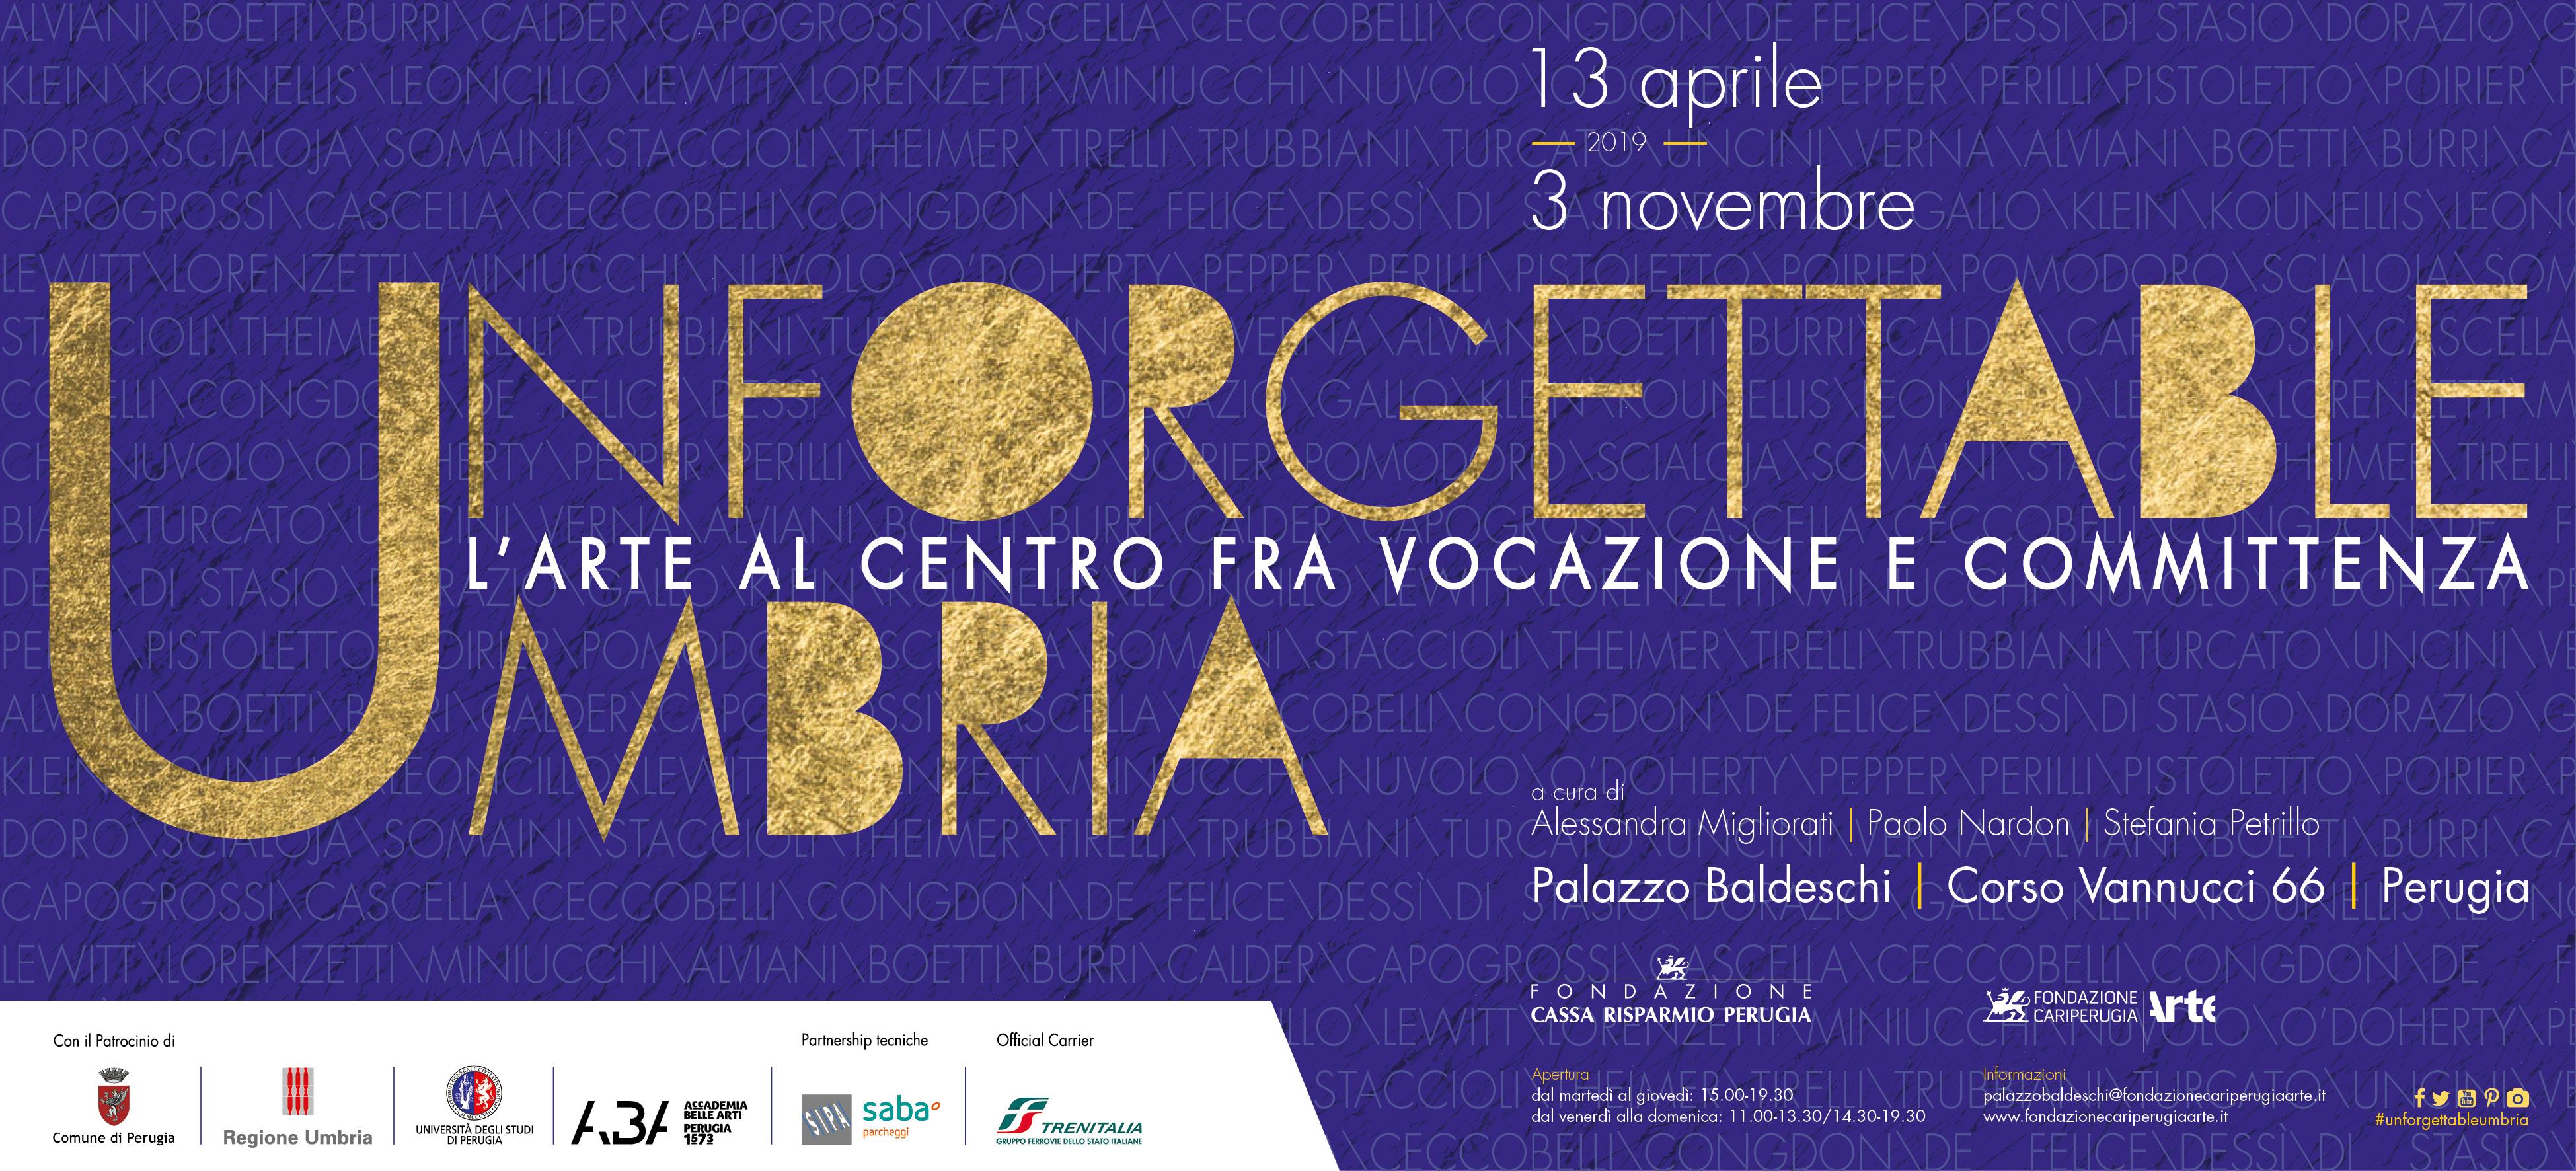 Da Burri a Capogrossi, da Klein a Calder, l'Umbria degli artisti del Novecento in mostra a Perugia